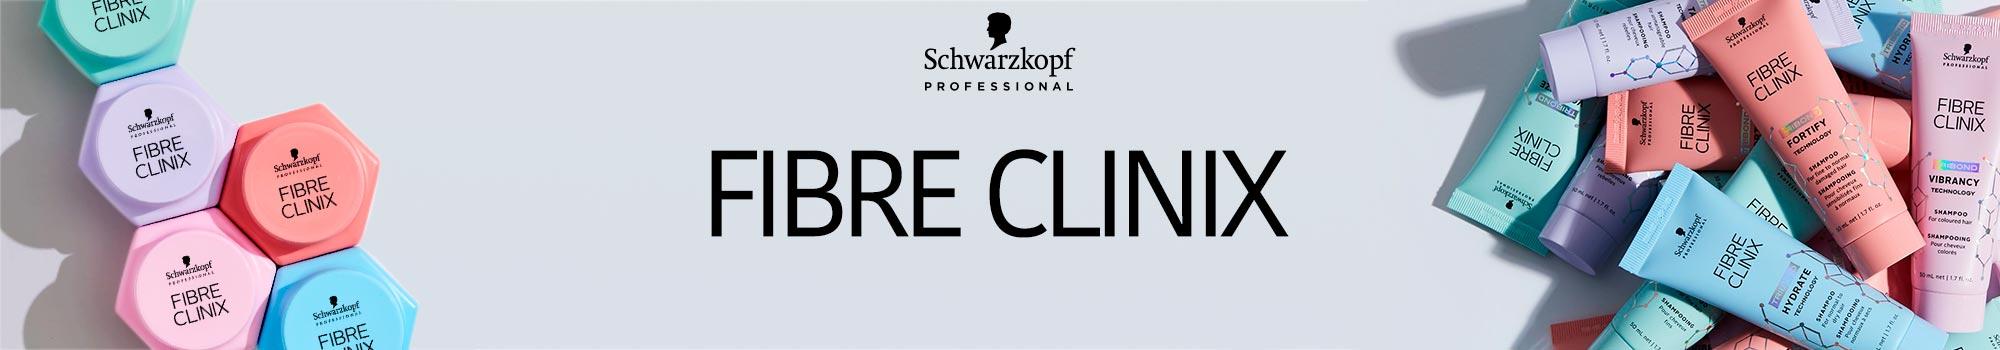 Fibre Clinix